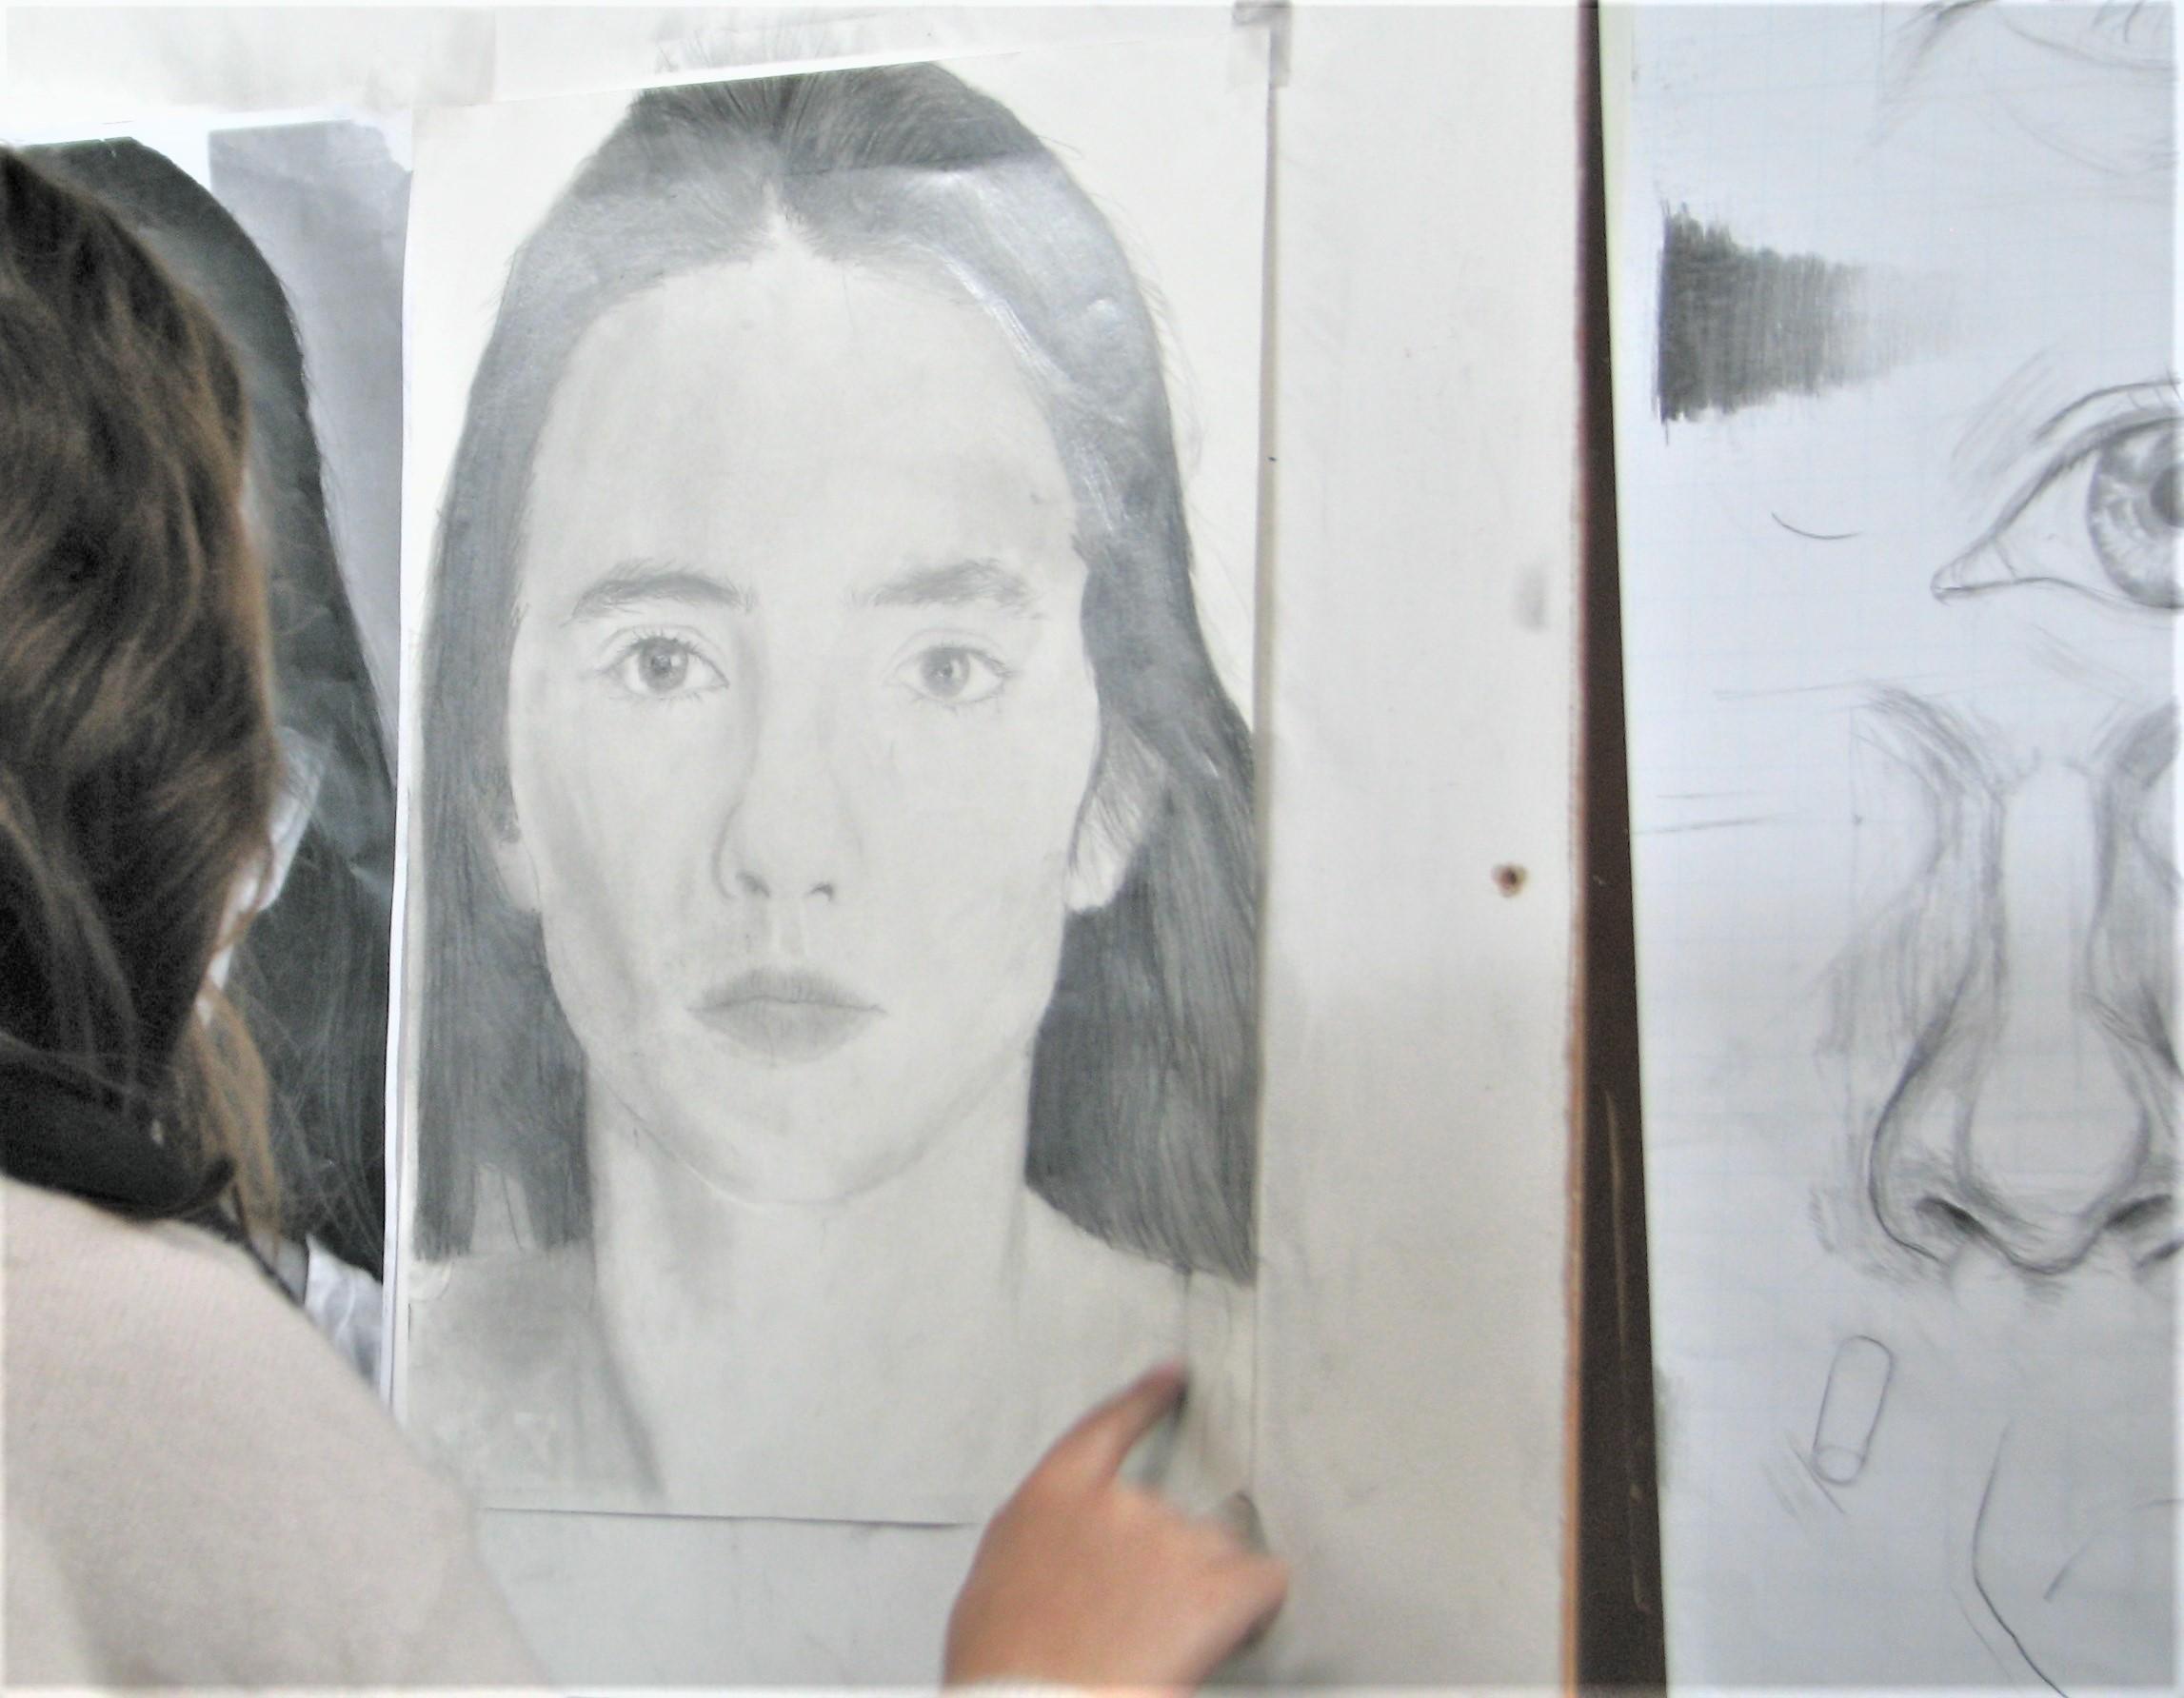 Portrettekenen tieners van 13 tot 15 jaar Tekenen is helemaal jouw ding waar je alles voor opzij zet! Je kan al portretten tekenen of juist nog helemaal niet maar wil het graag leren. Tijdens deze cursus leggen we je stap voor stap uit hoe je een portret opbouwt. Nadien kan jij je ouders, grootouders of broer of zus goed tekenen.